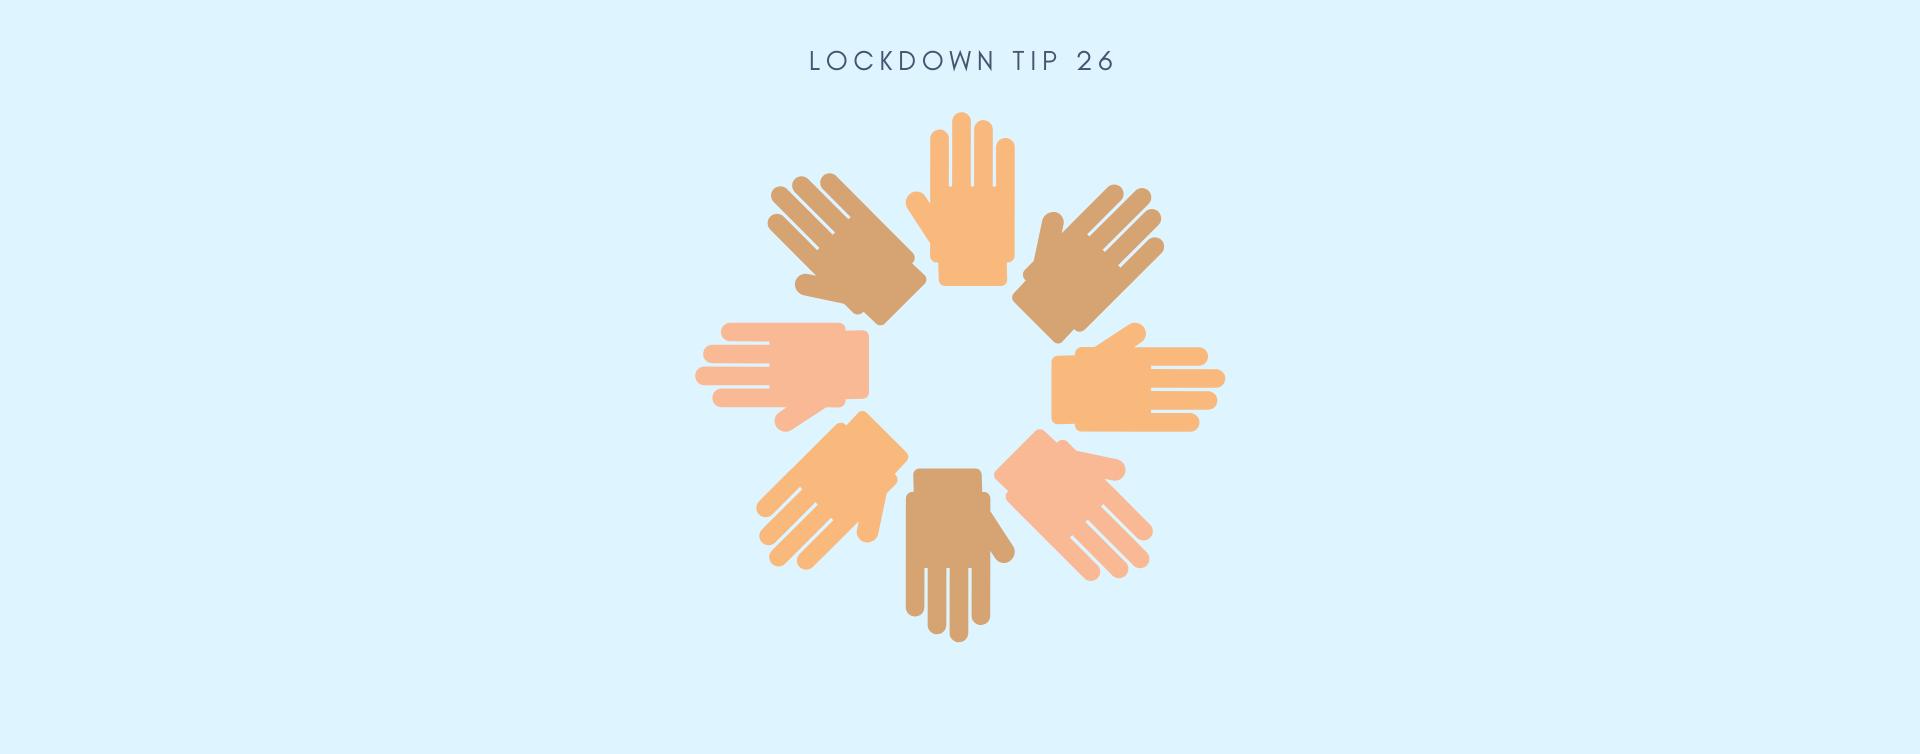 MCSA Lockdown Tip 26